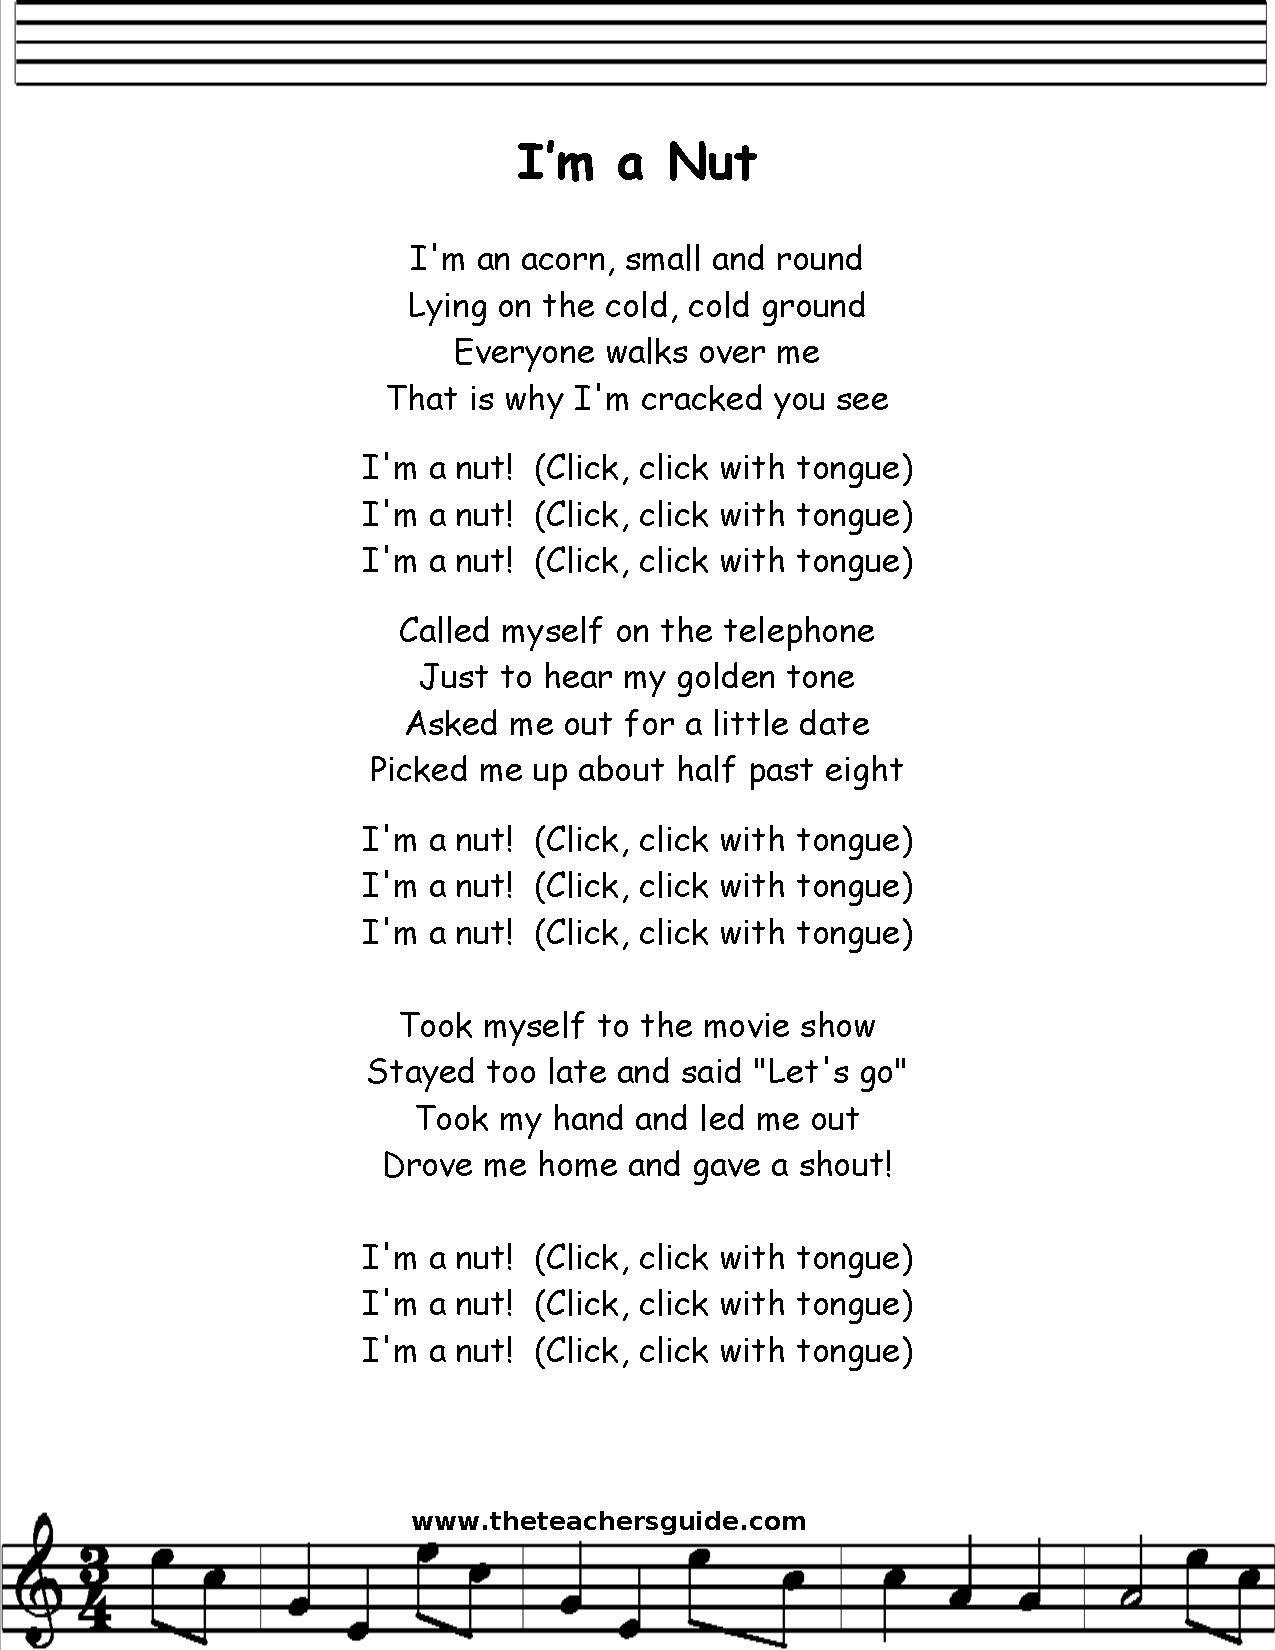 I M A Nut Lyrics Printout